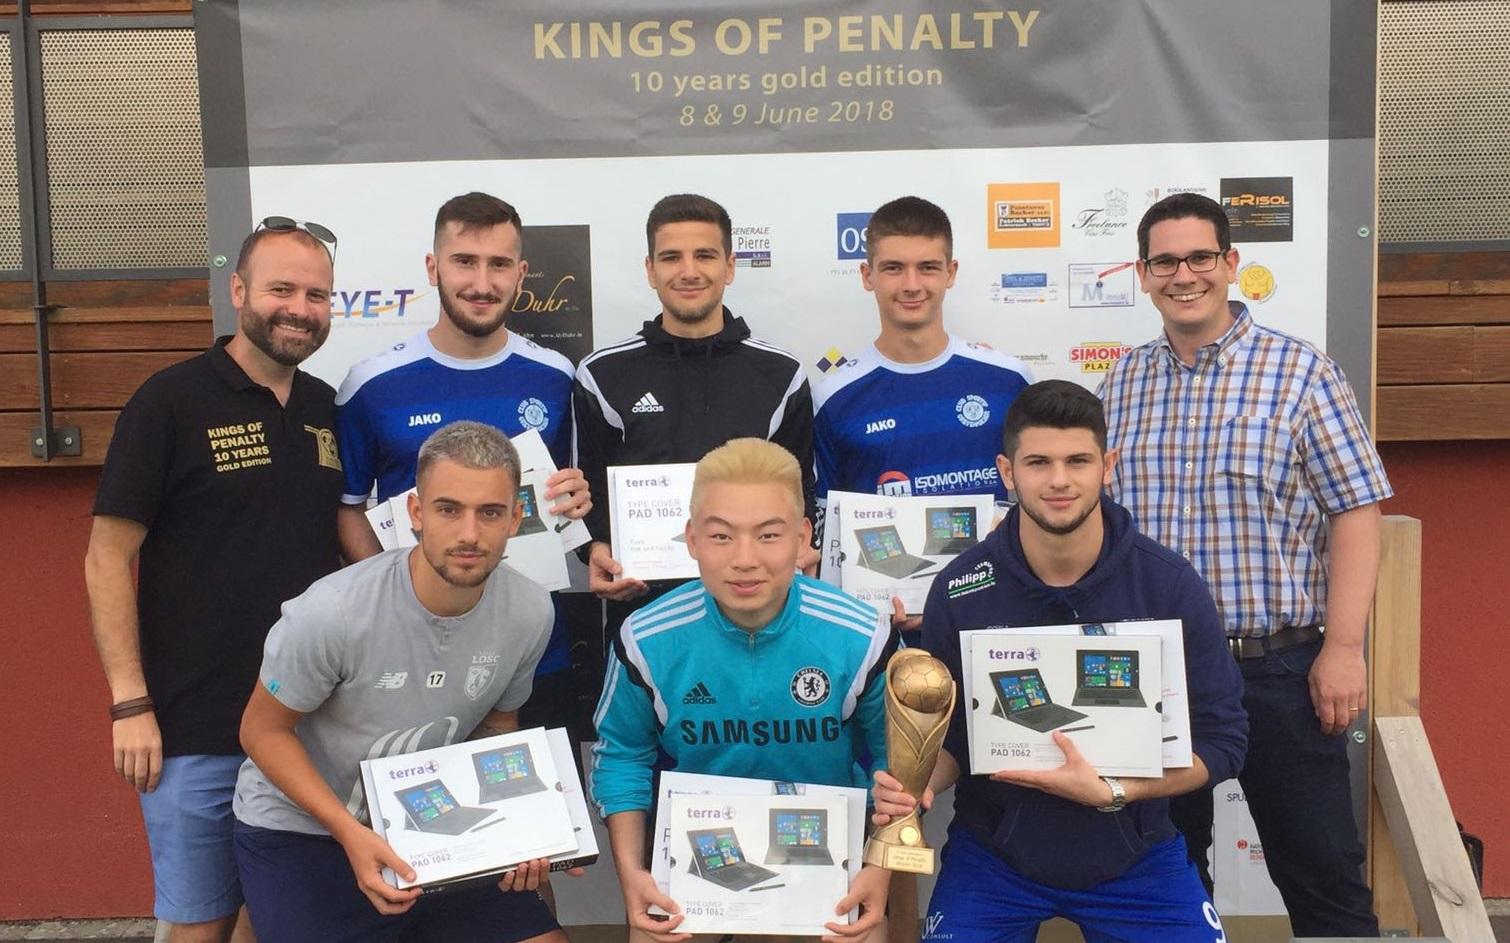 FC Potaschbierg gewënnt Penalty 2018